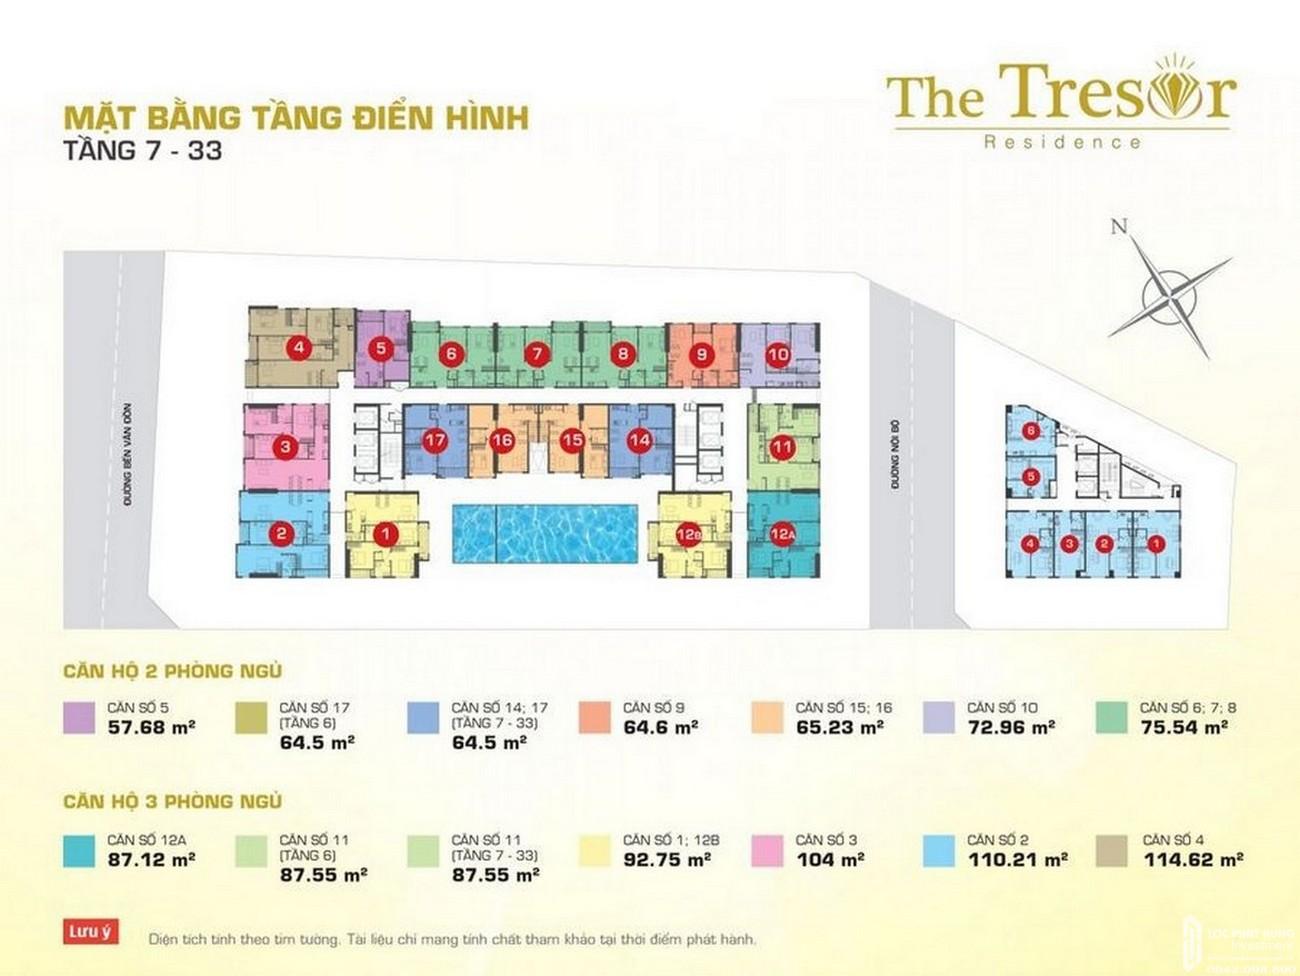 Mặt bằng dự án căn hộ chung cư The Tresor Quận 4 Đường Bến Vân Đồn chủ đầu tư Novaland